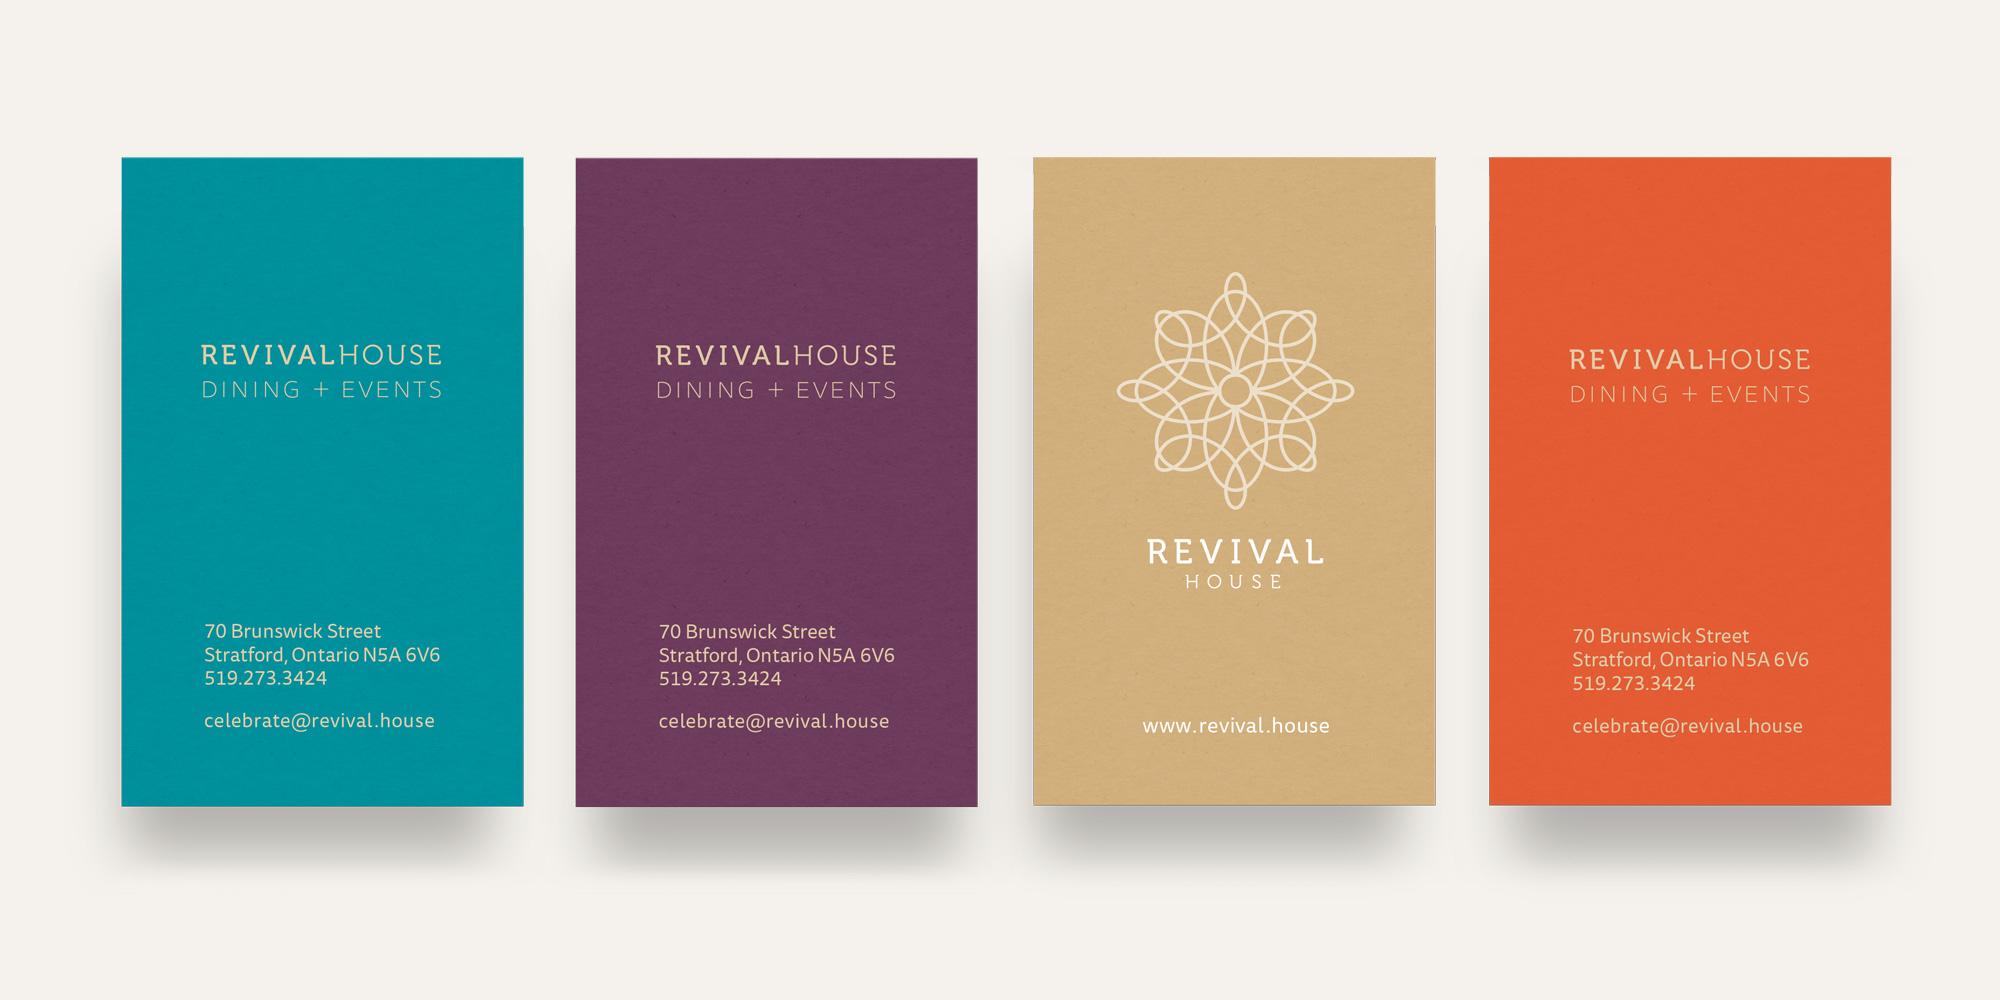 RevivalHouse_Branding_BusinessCards.jpg